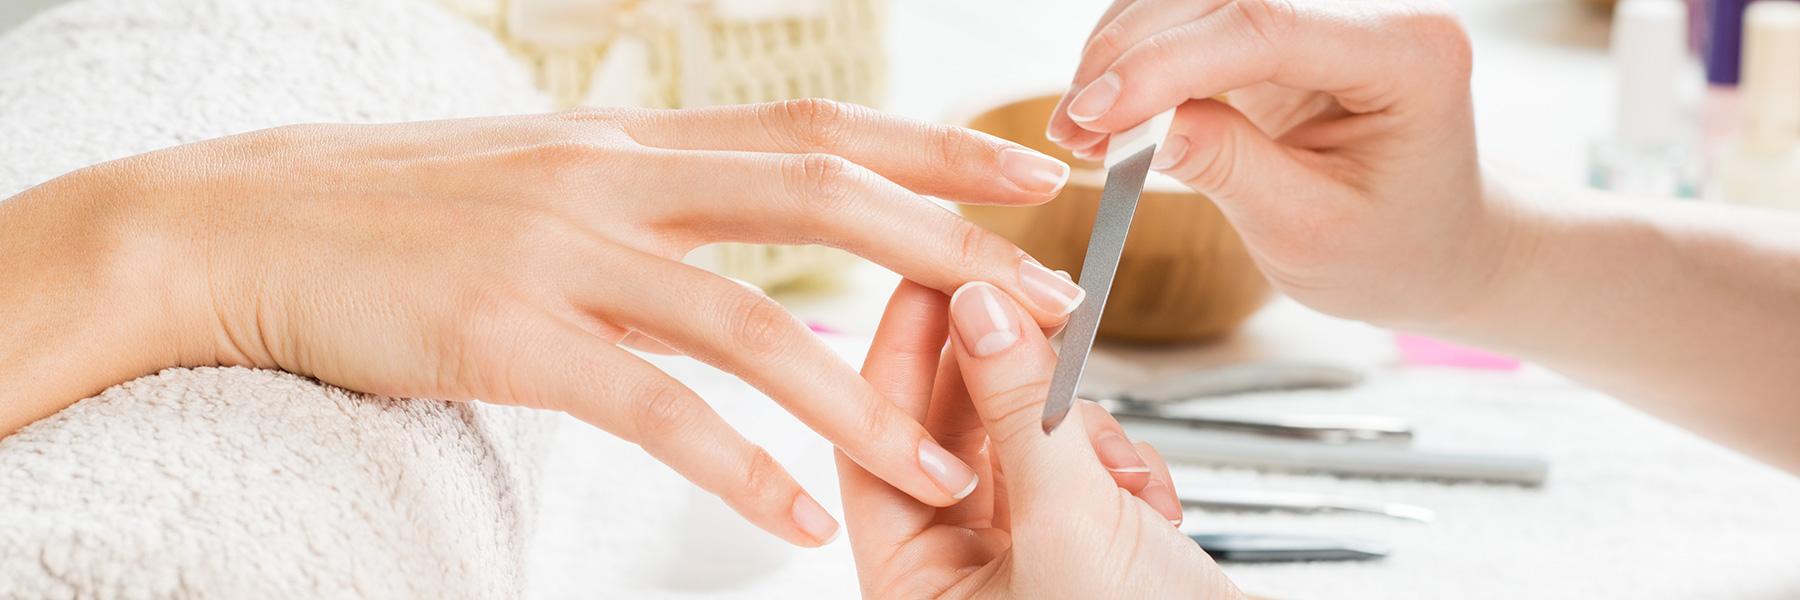 kosmetikstudio-kleine-auszeit-manikuere